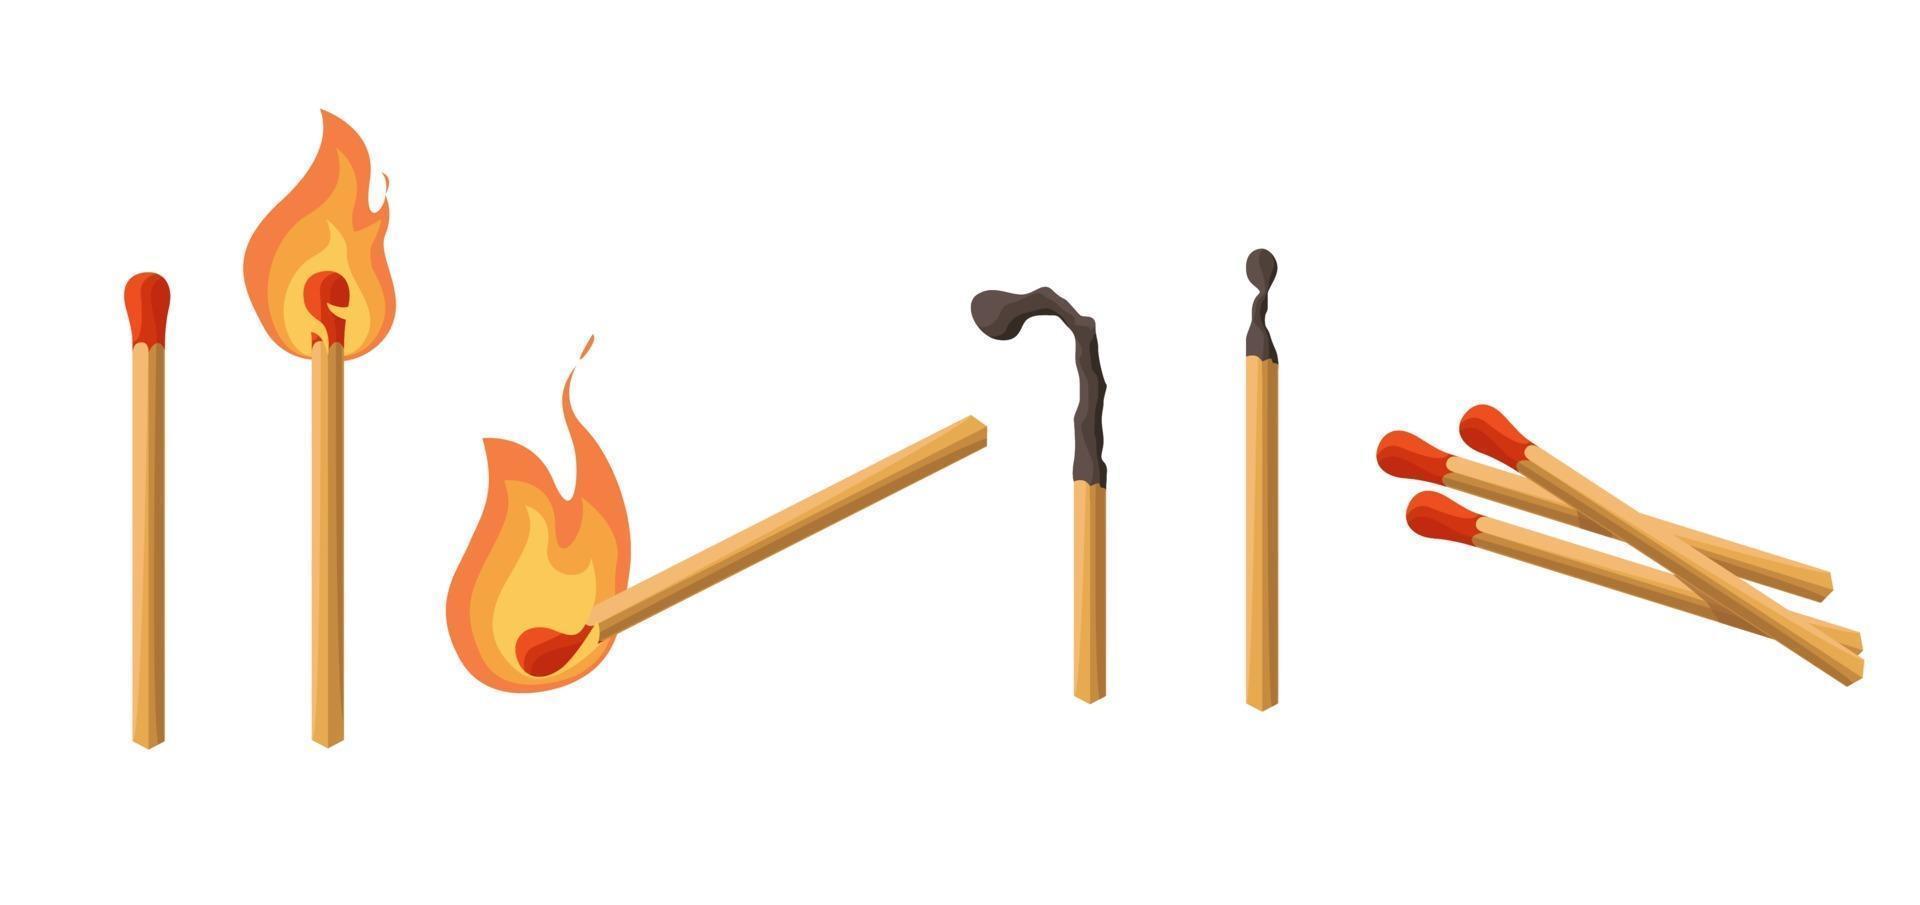 Übereinstimmungen festgelegt. brennendes Streichholz mit Feuer, Streichholzkohle. Beleuchtung. Vektorillustrationskarikaturstil lokalisiert auf weißem Hintergrund. vektor